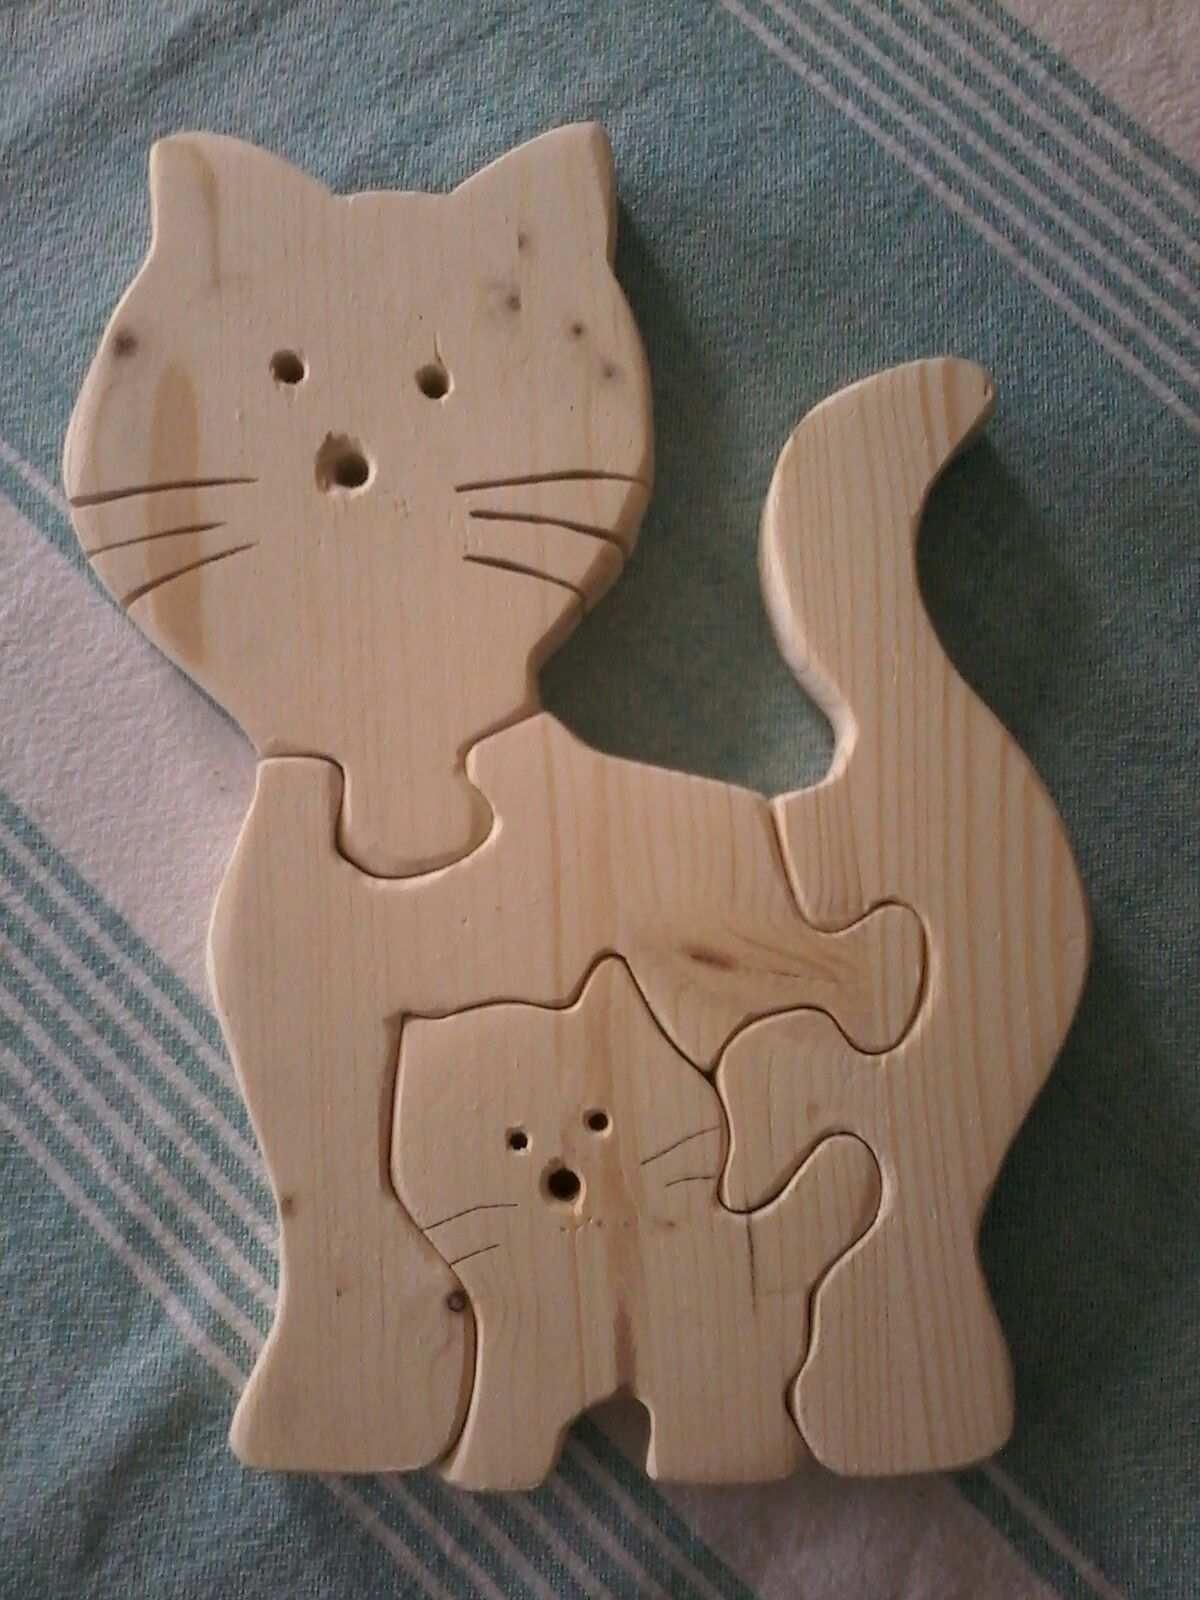 Katzenpuzzle Fur 2 Jahrige Zum Geburtstag Holz Dekupiersage Holz Ideen Geburtstag